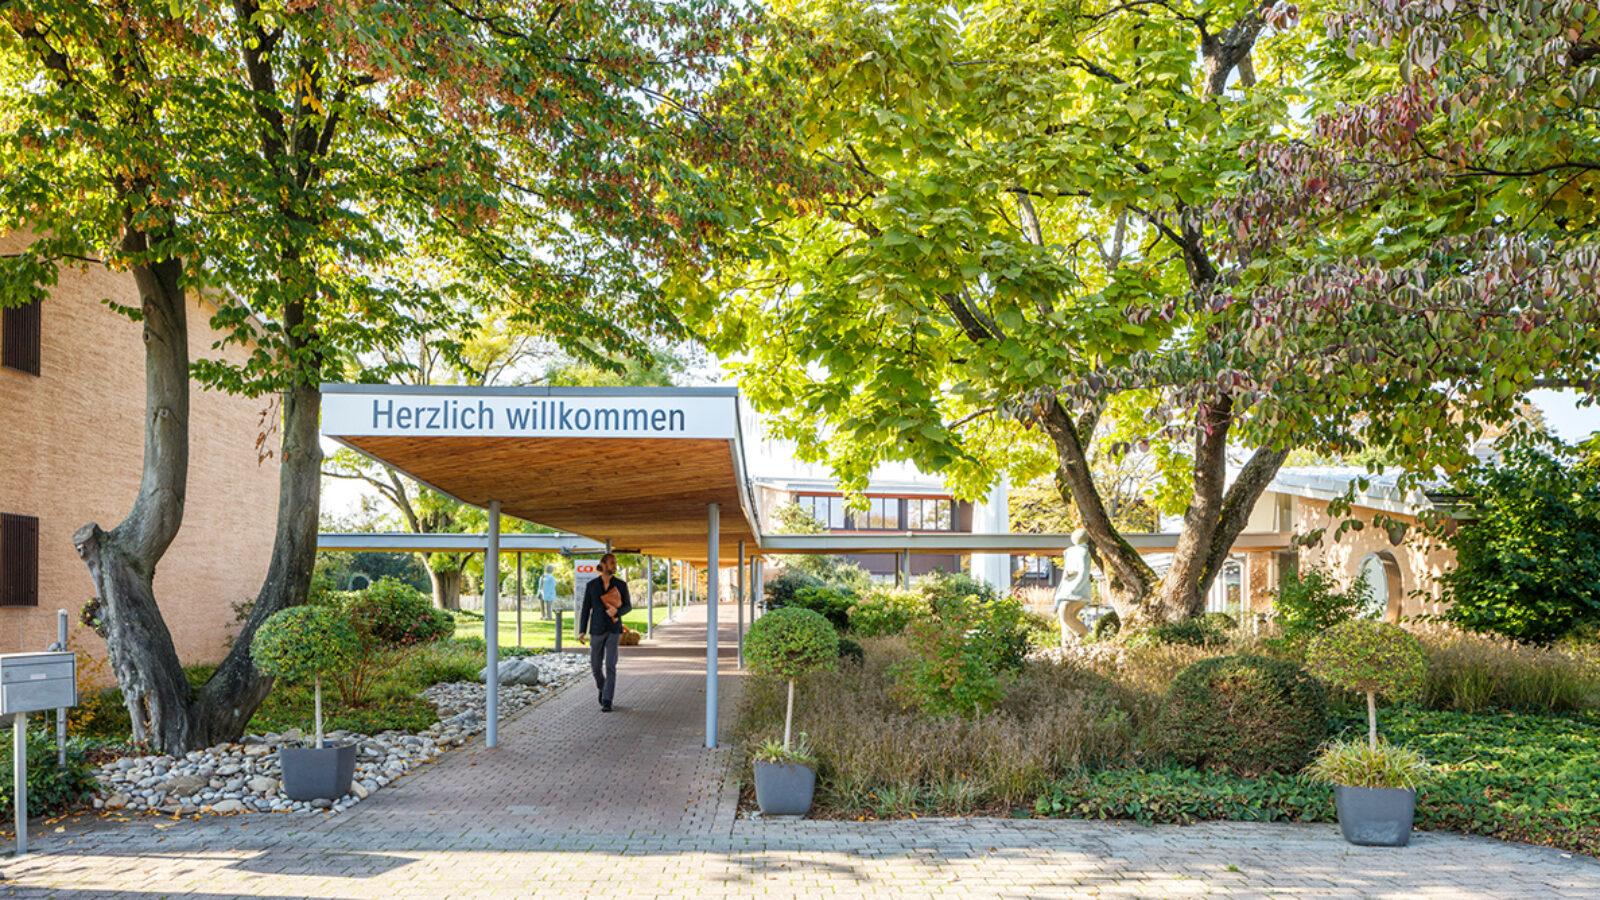 1 Coop Tagungszentrum Eingangsbereich